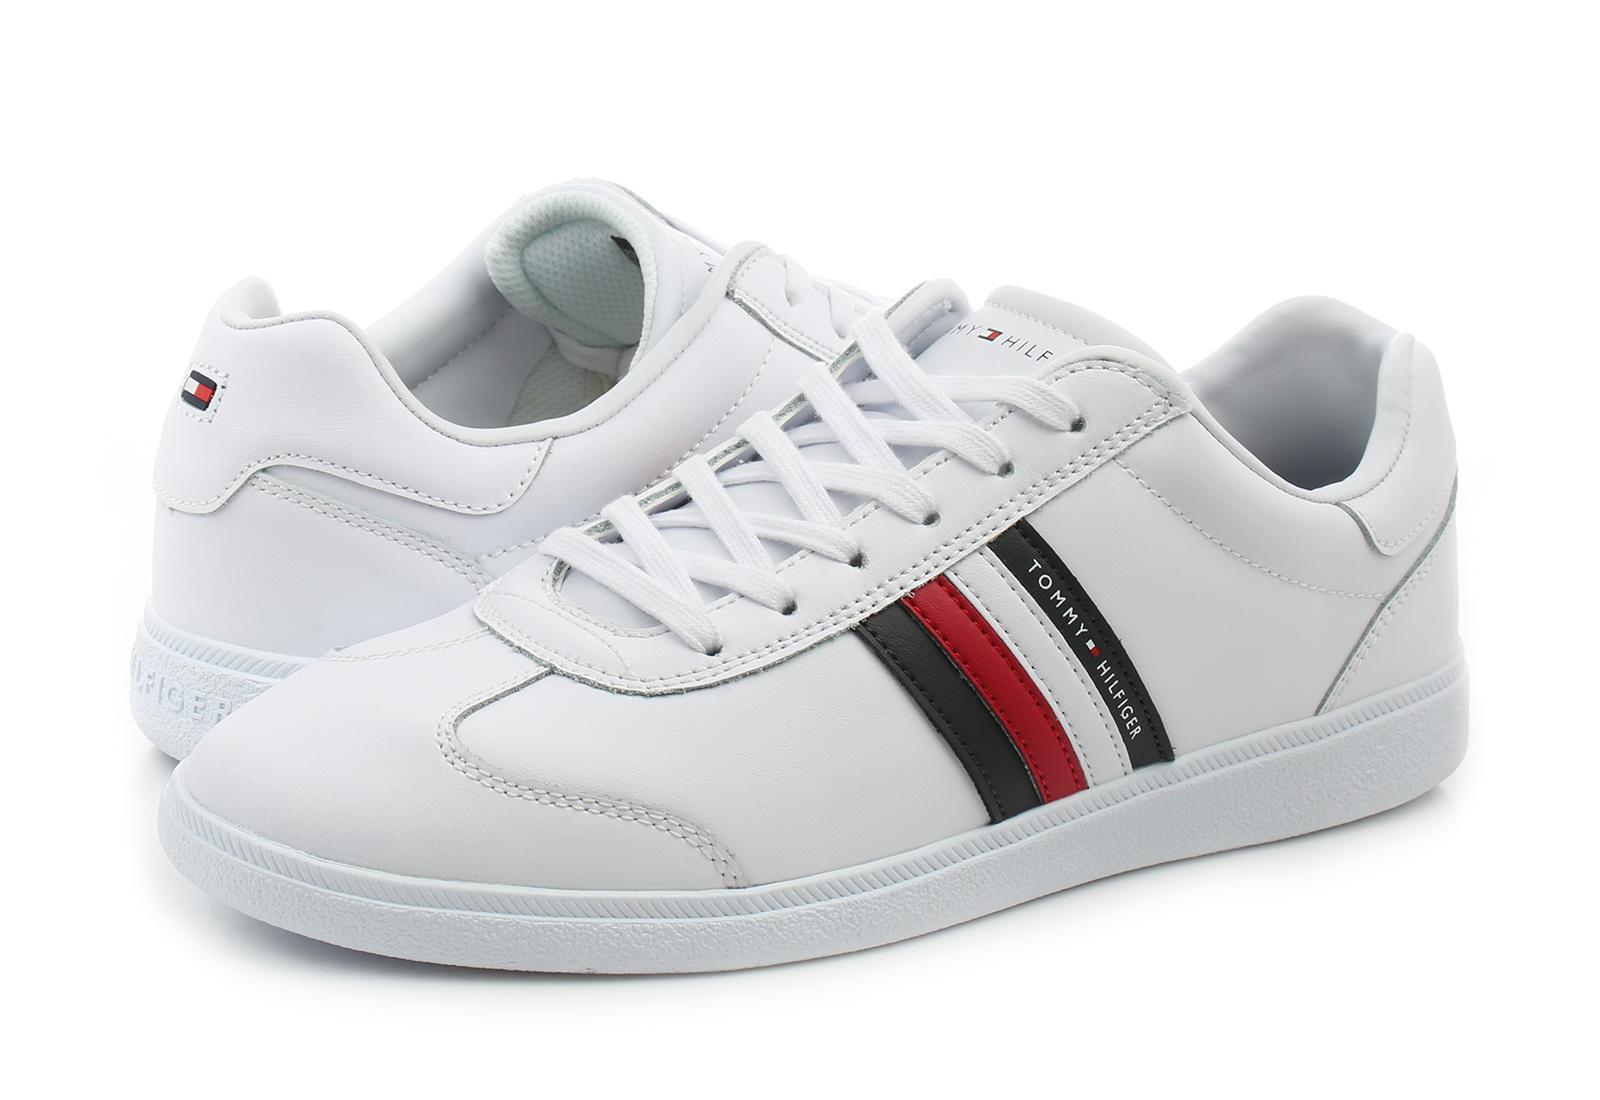 fb79dcc95 Tommy Hilfiger Shoes - Danny 13a - 19S-2038-100 - Online shop for ...